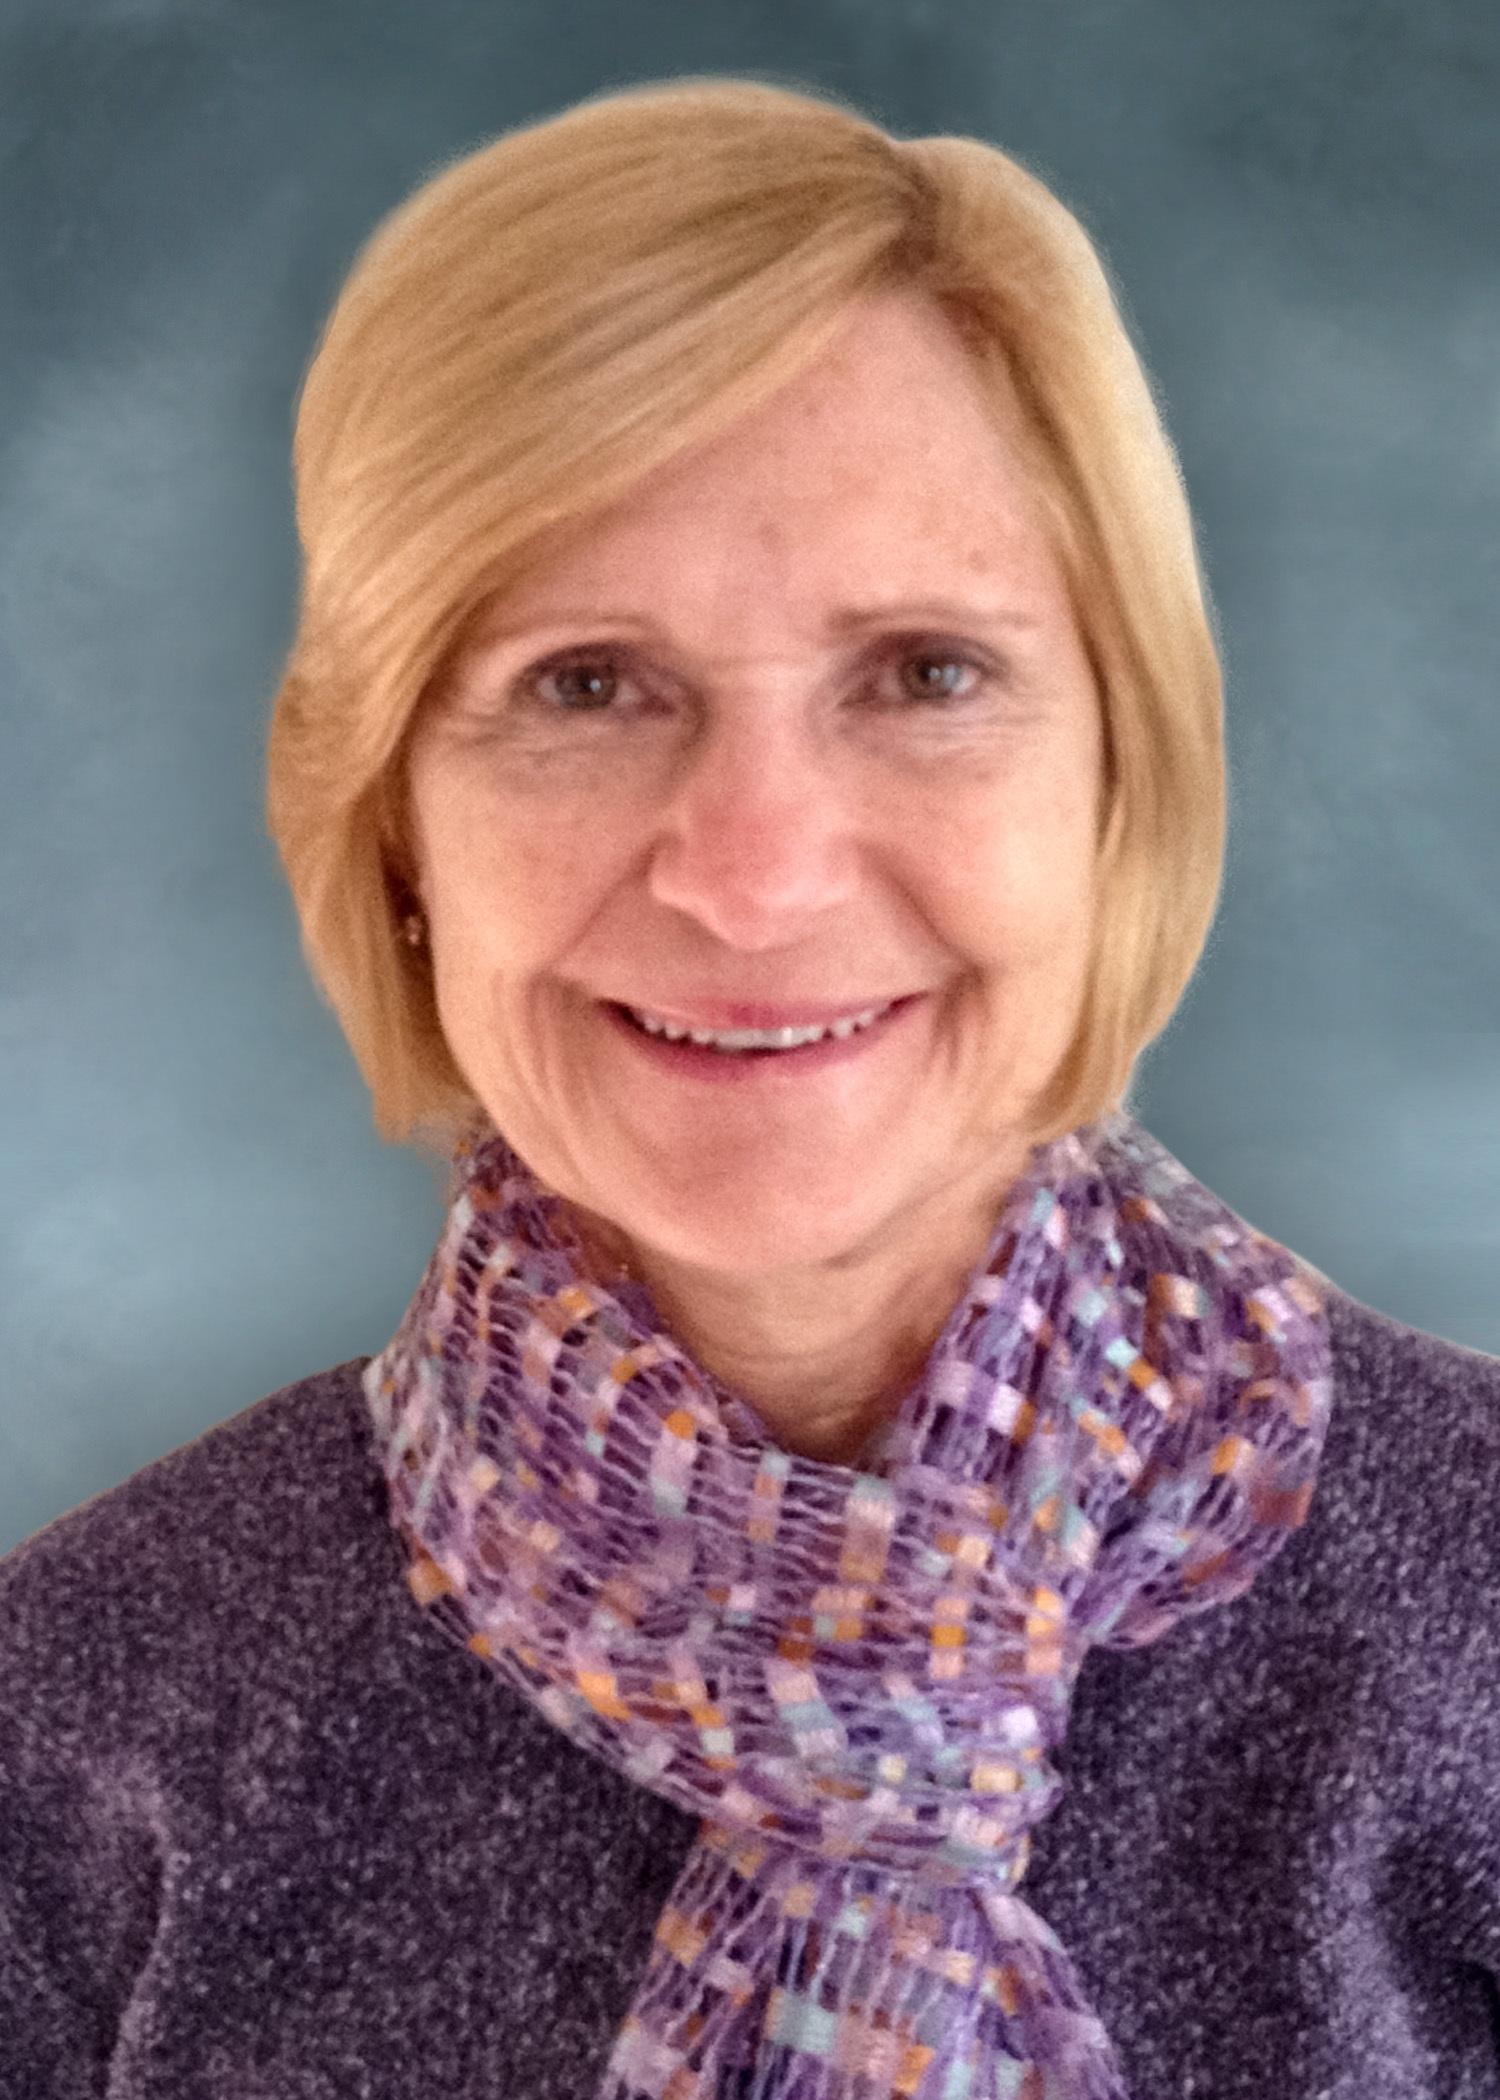 Kim M. Montfoort, AFCEA Women's Appreciation Award recipient (Photo: Business Wire)